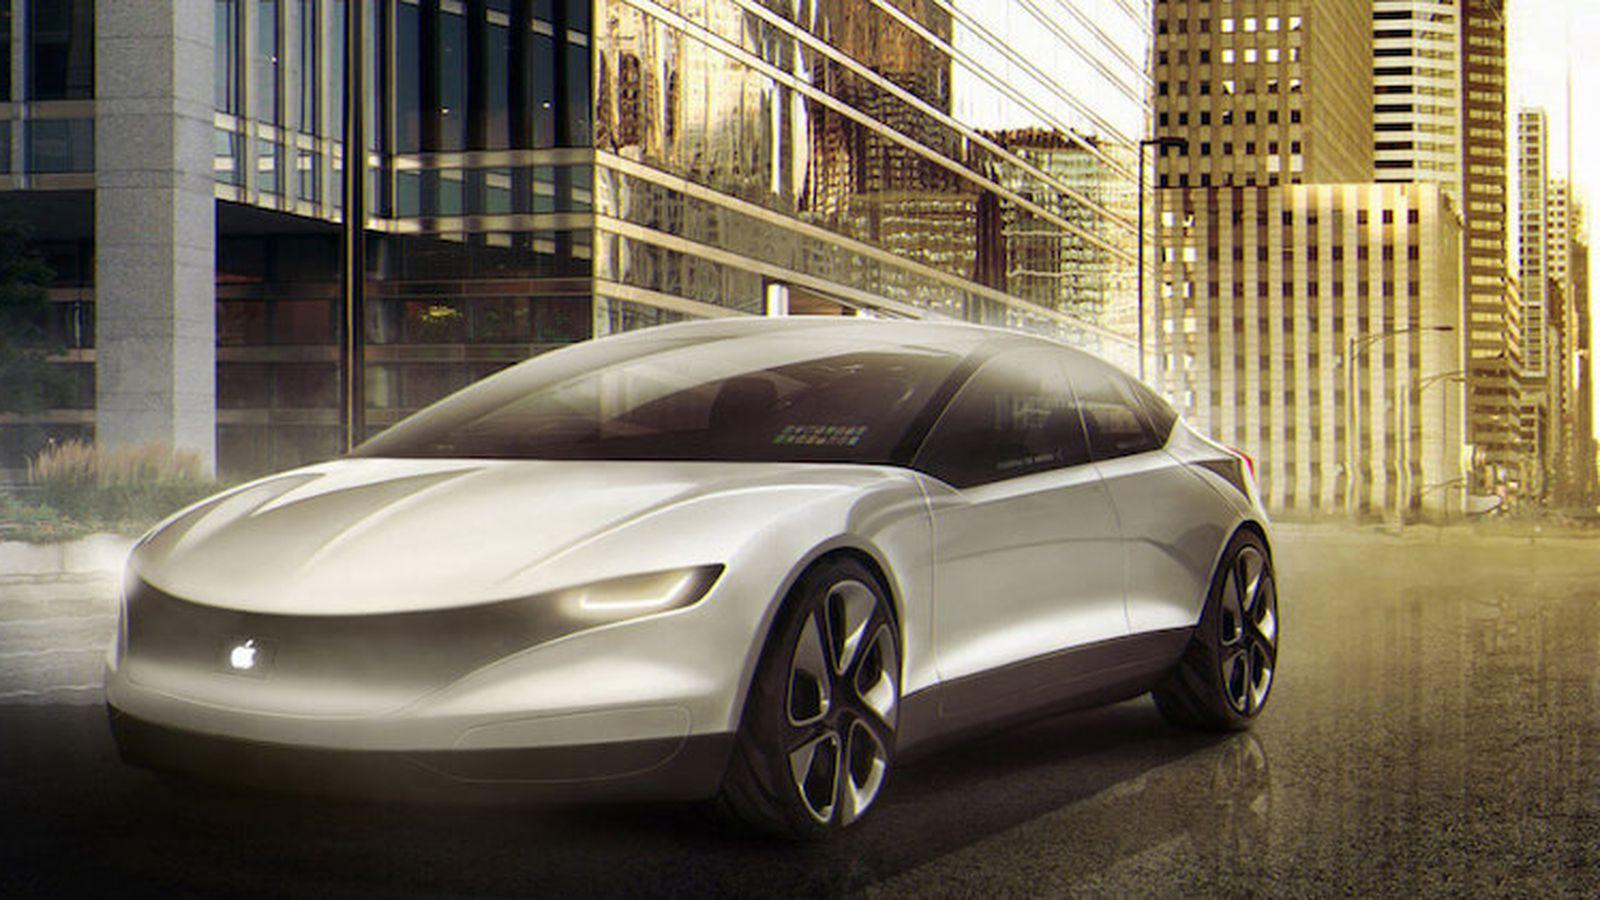 روکیدا | تاخیر در عرضه خودرو اپل تا سال 2028؟ | اپل, خودرو هوشمند